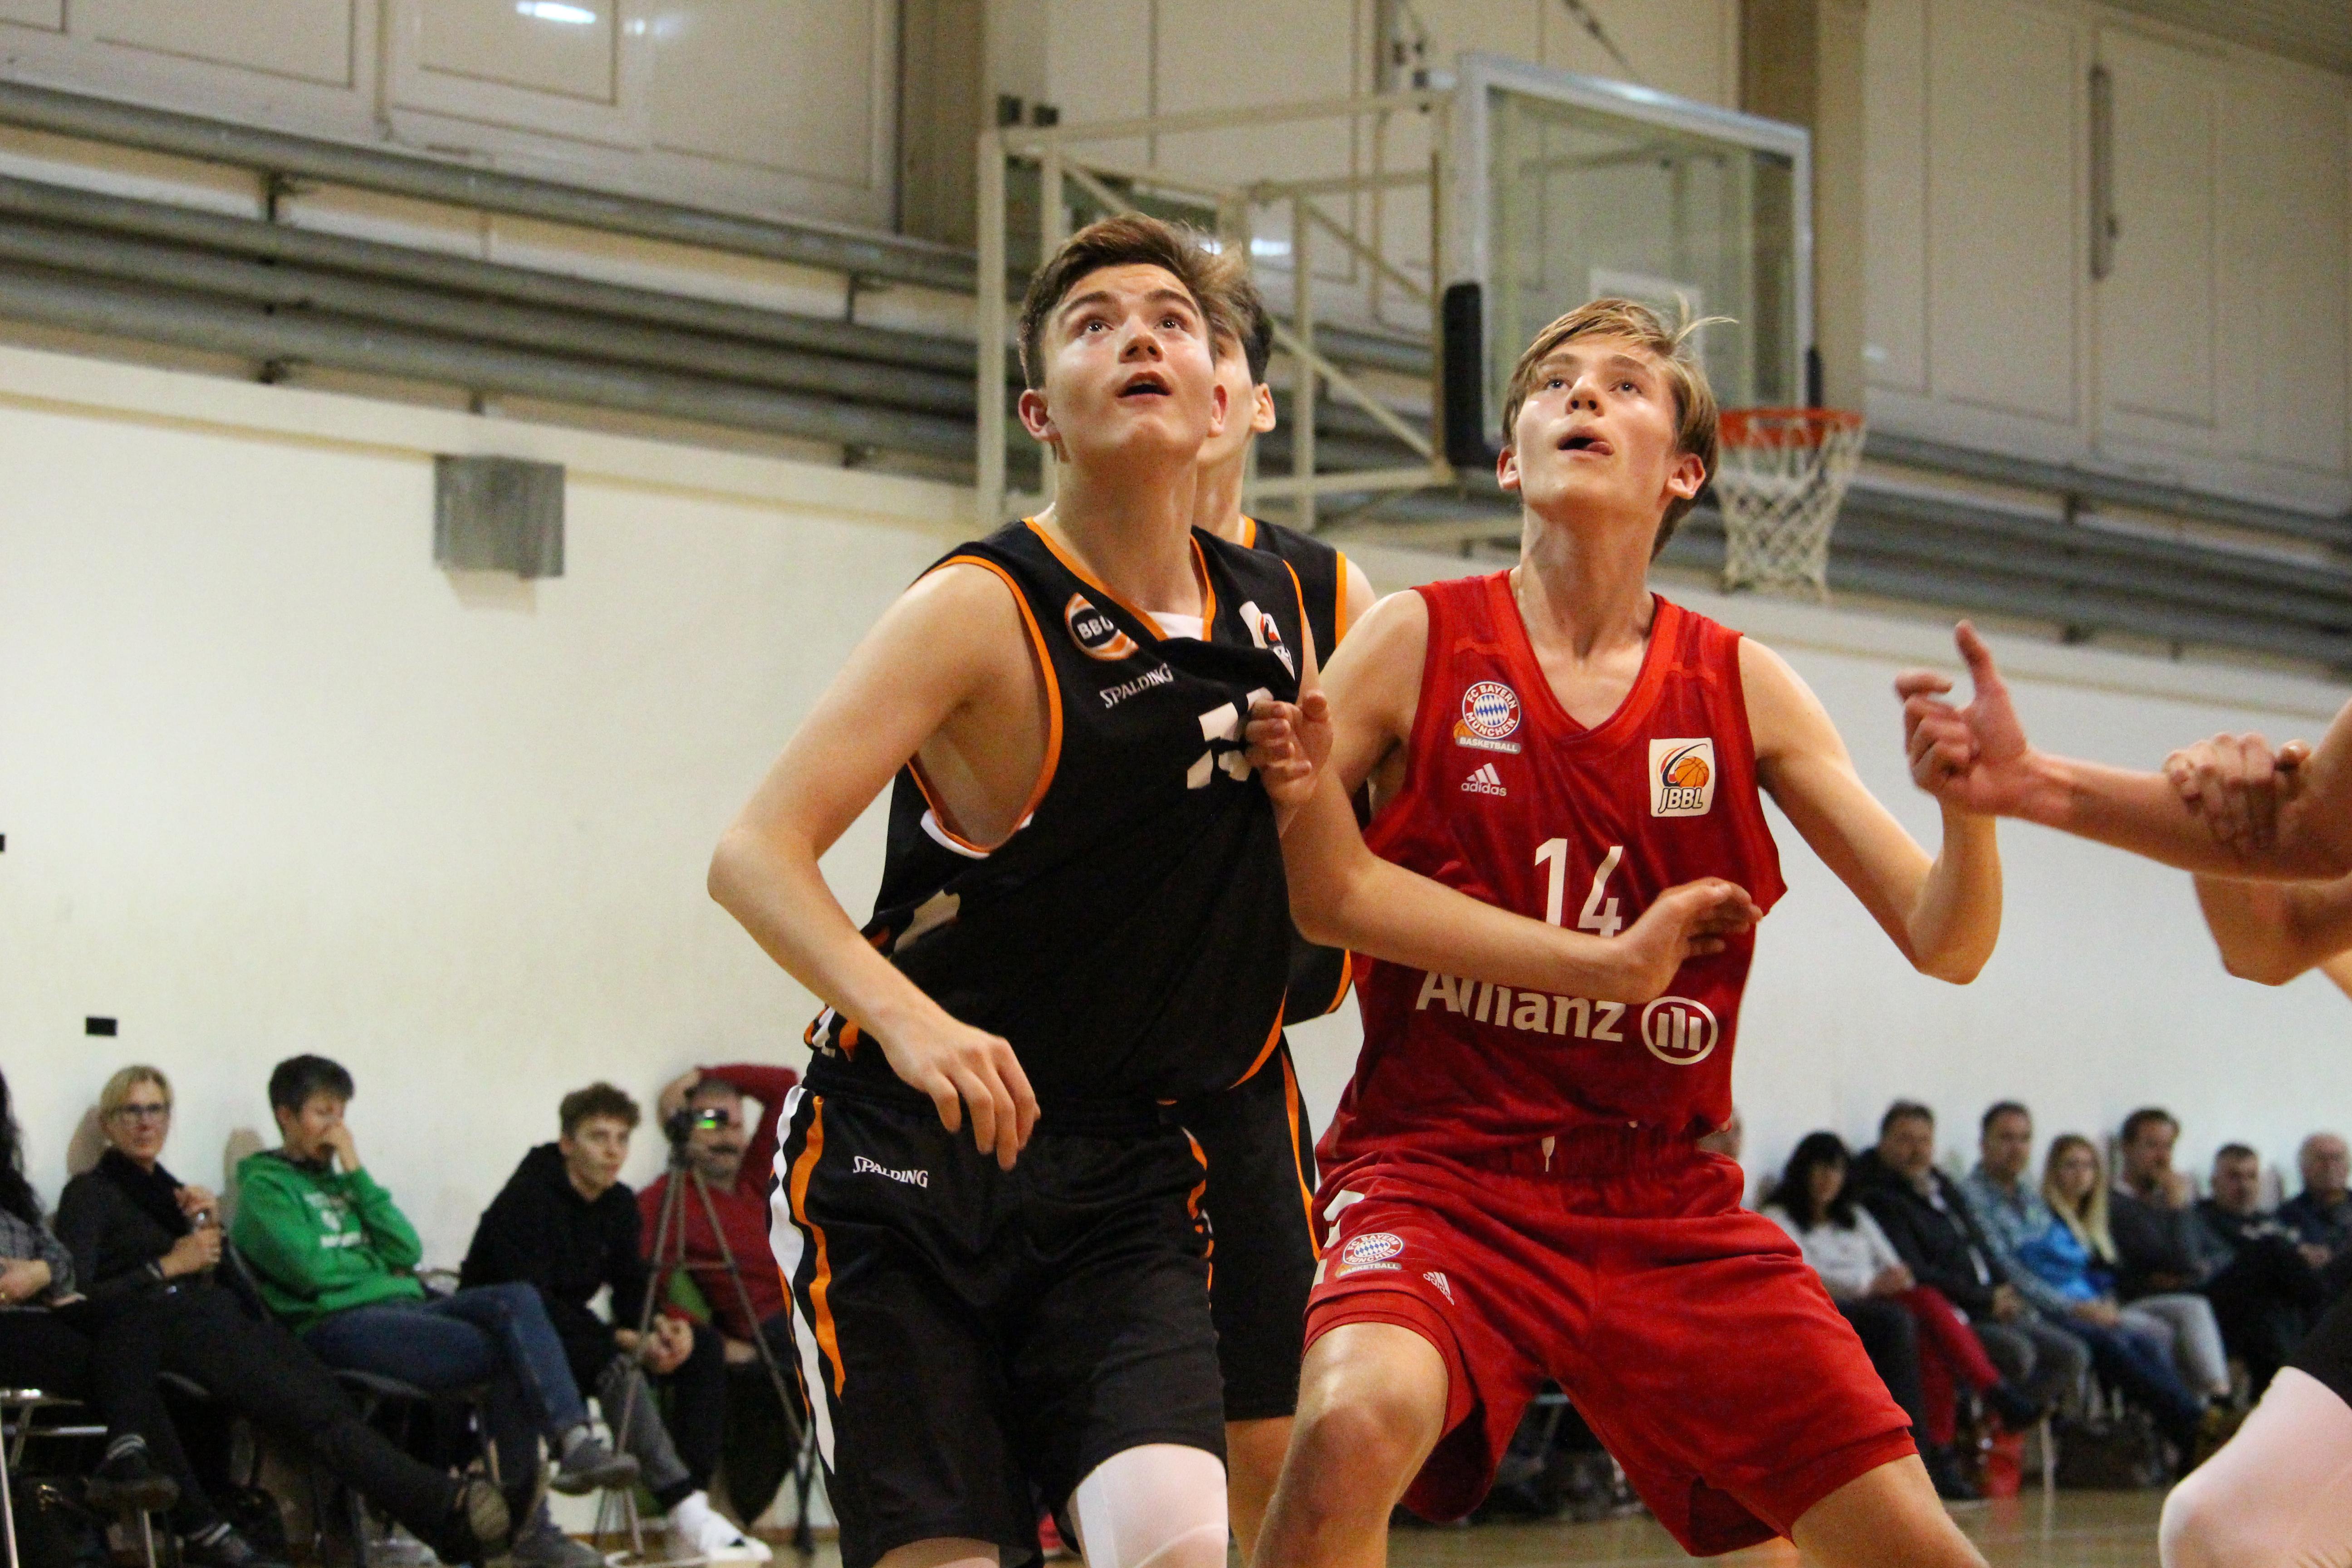 JBBL_19-20_OrangeAcademy_FC-Bayern-München-Basketball_Spieltag7_Lauro-Maiser-2